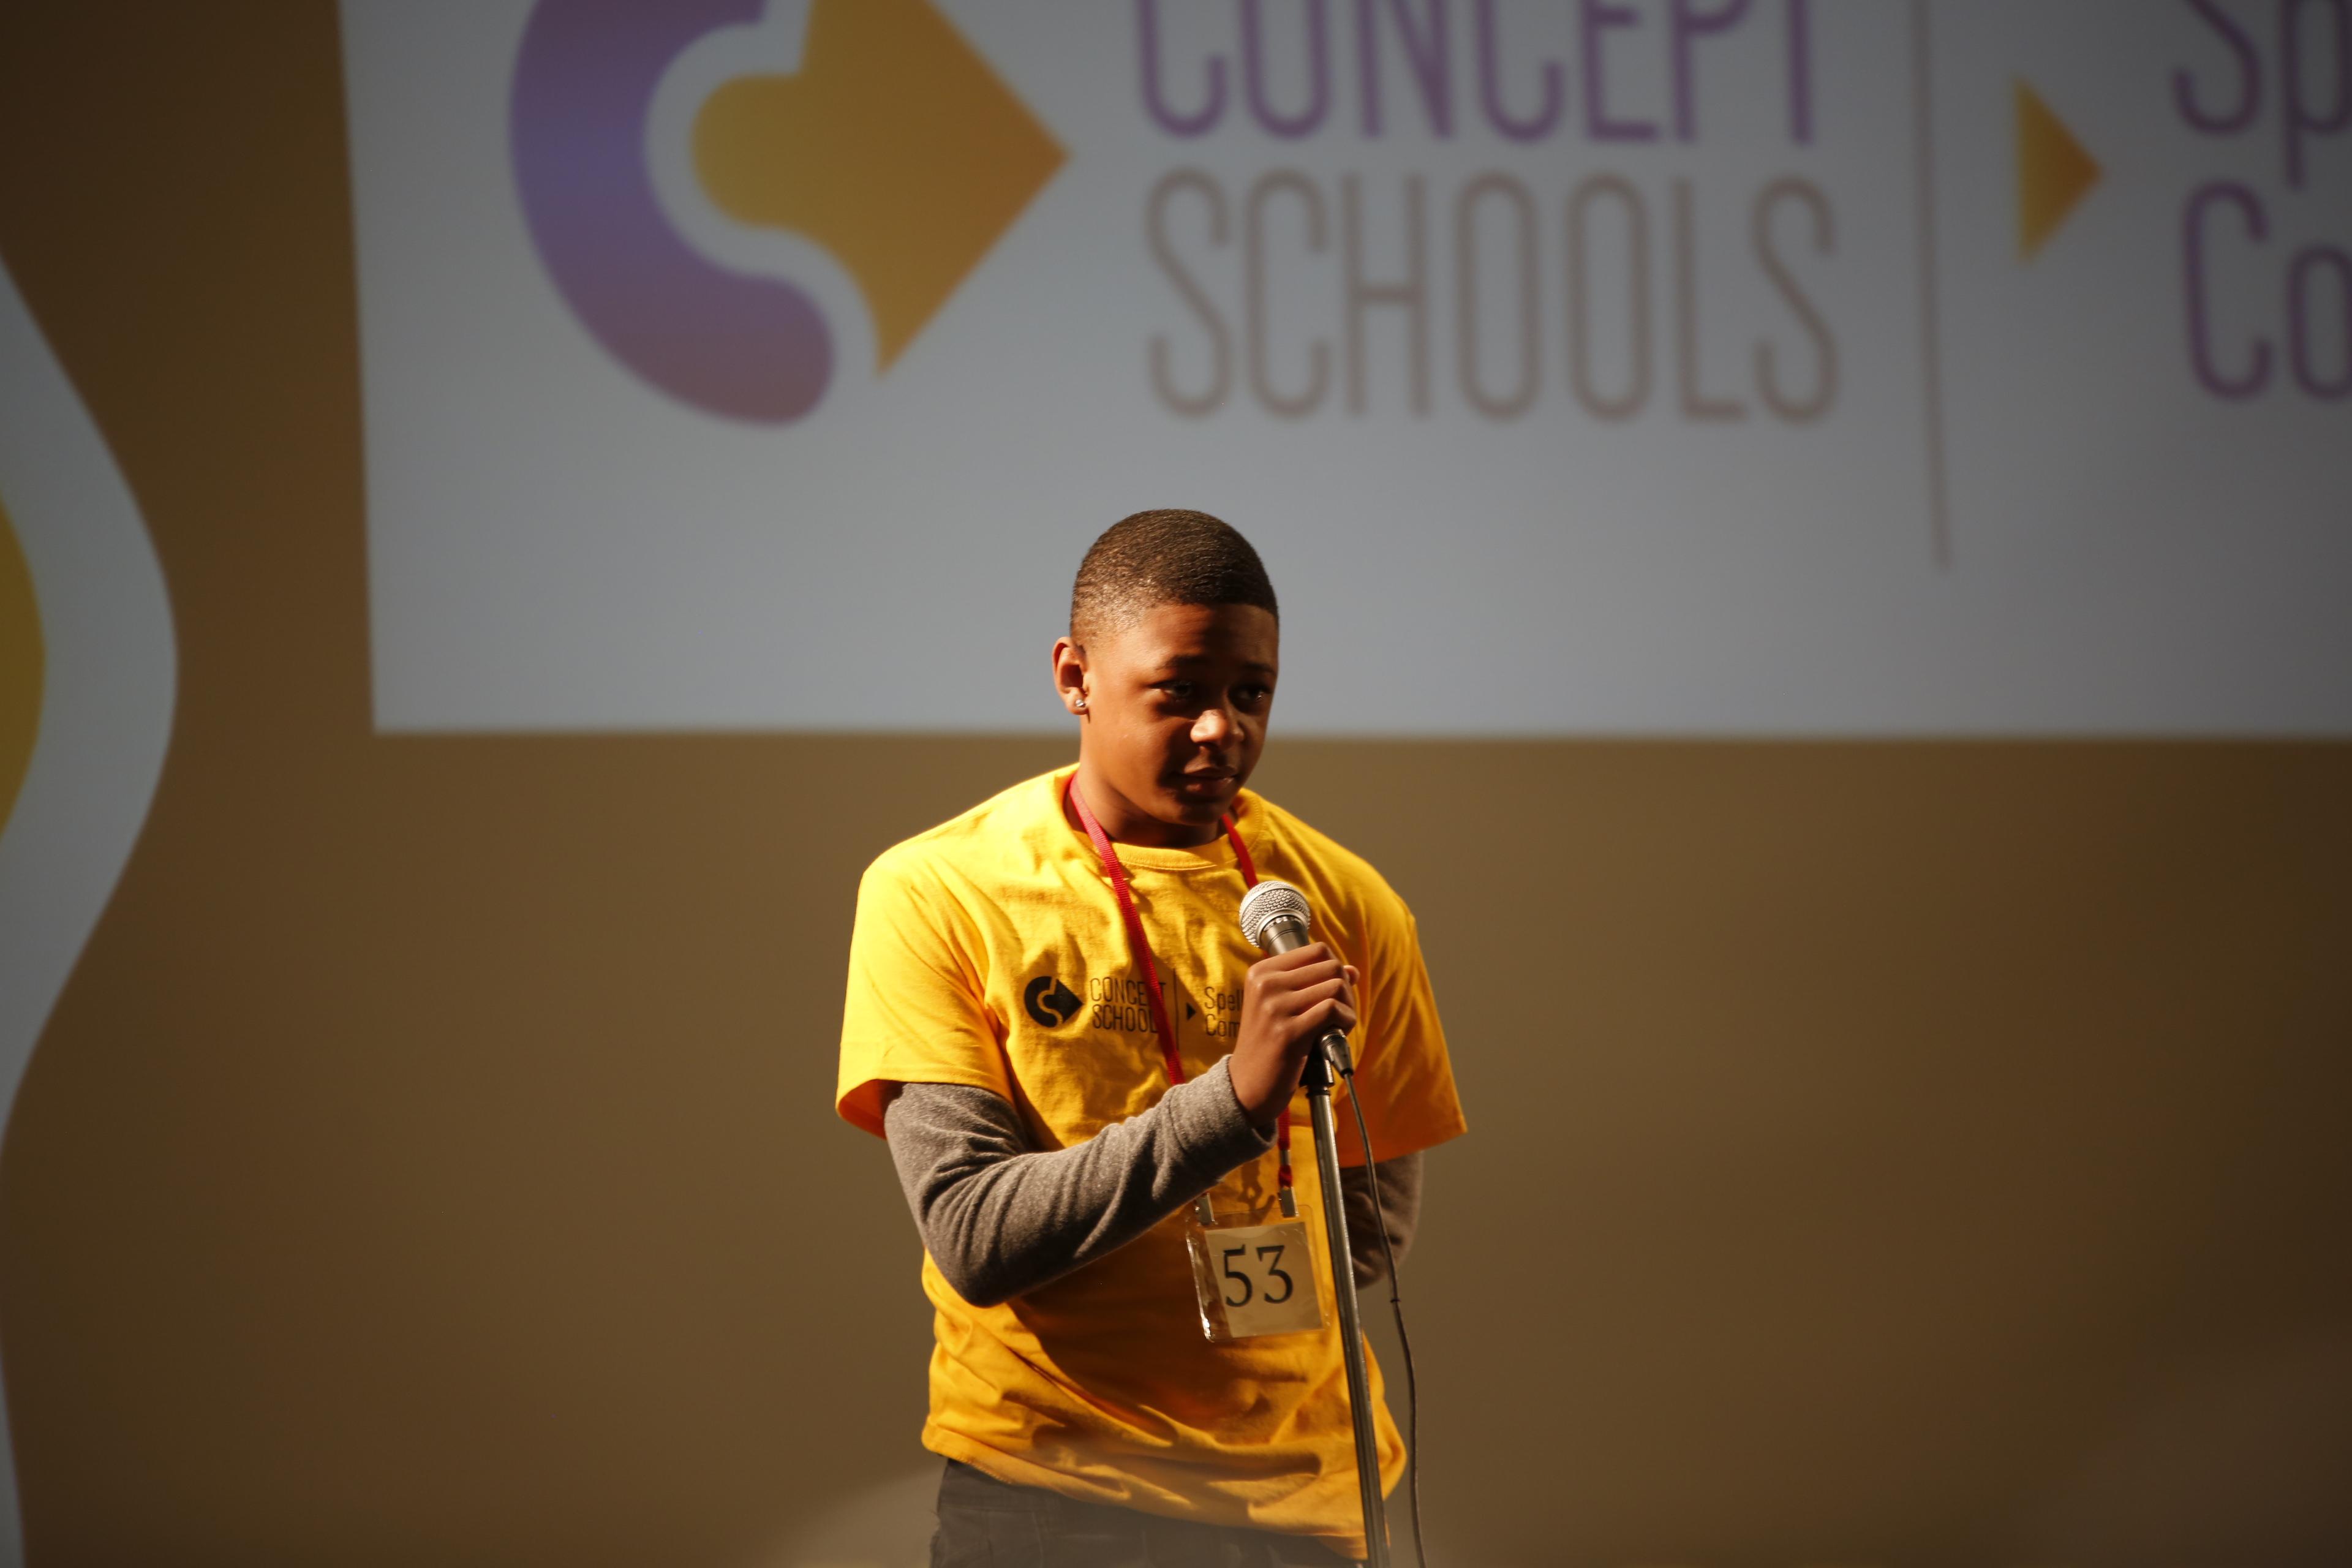 spelling-bee-concept-schools28